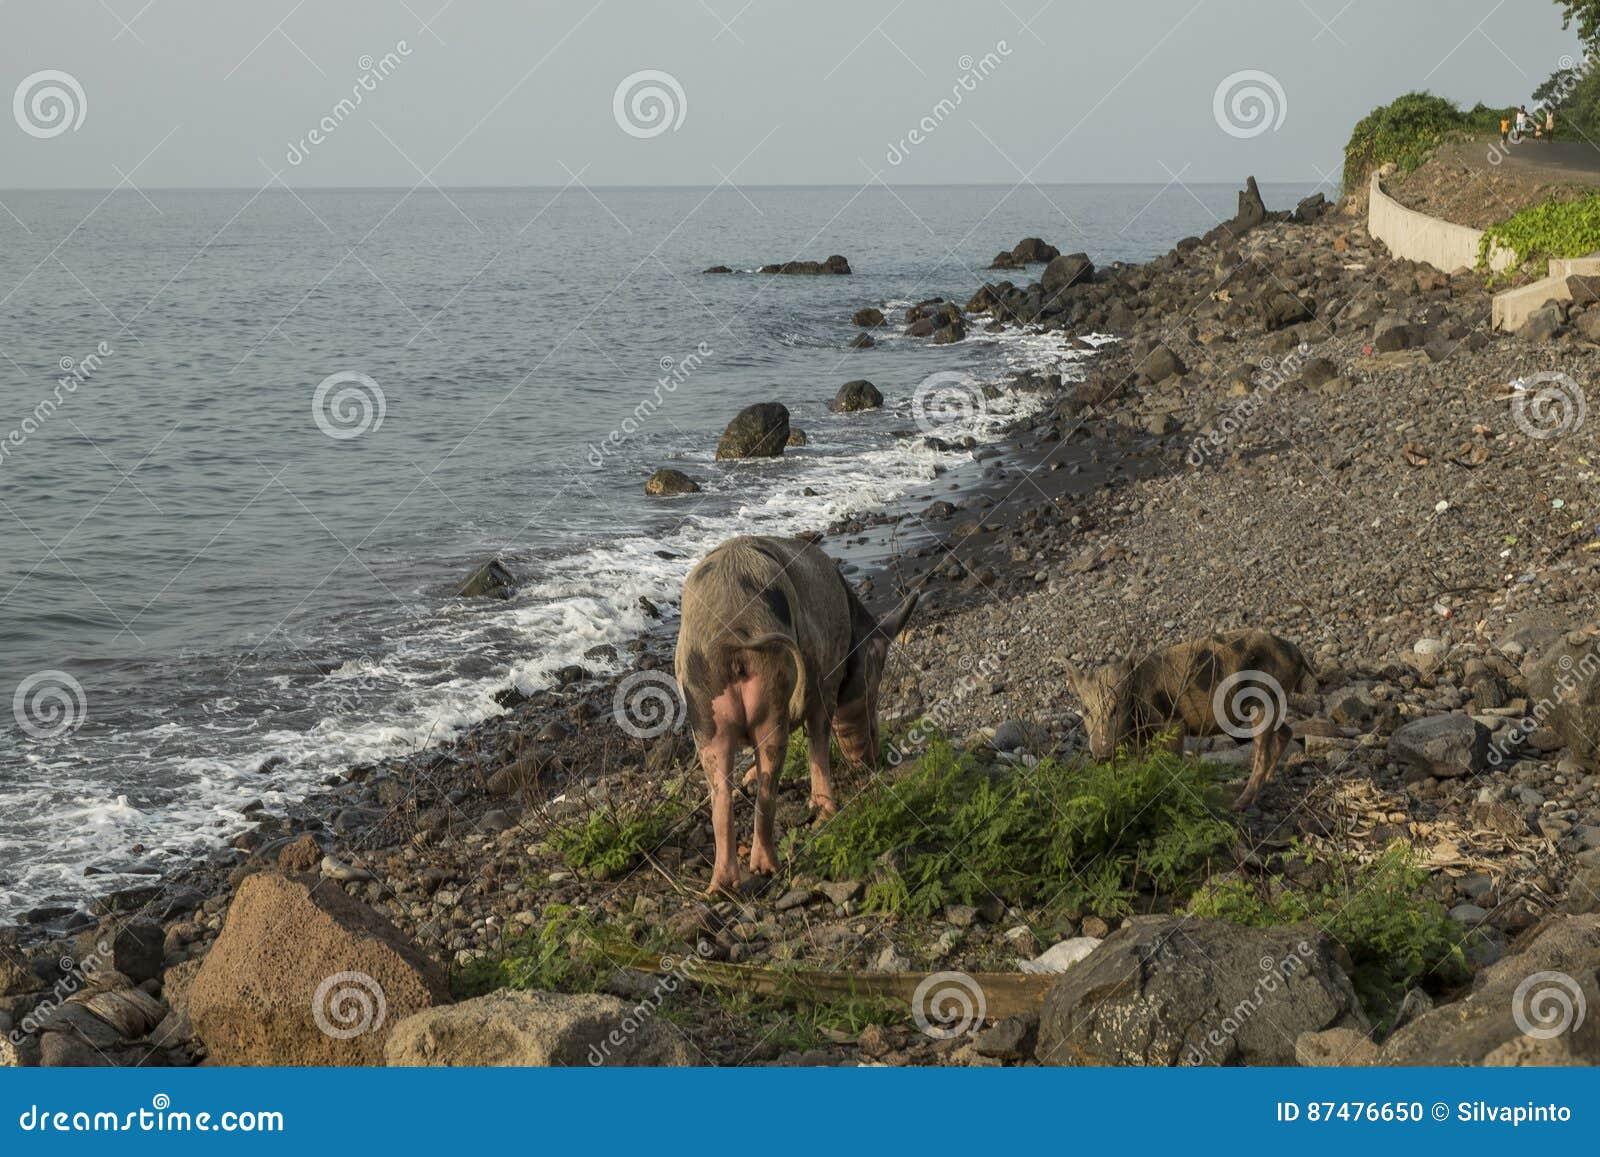 Porco a andar pelo mar